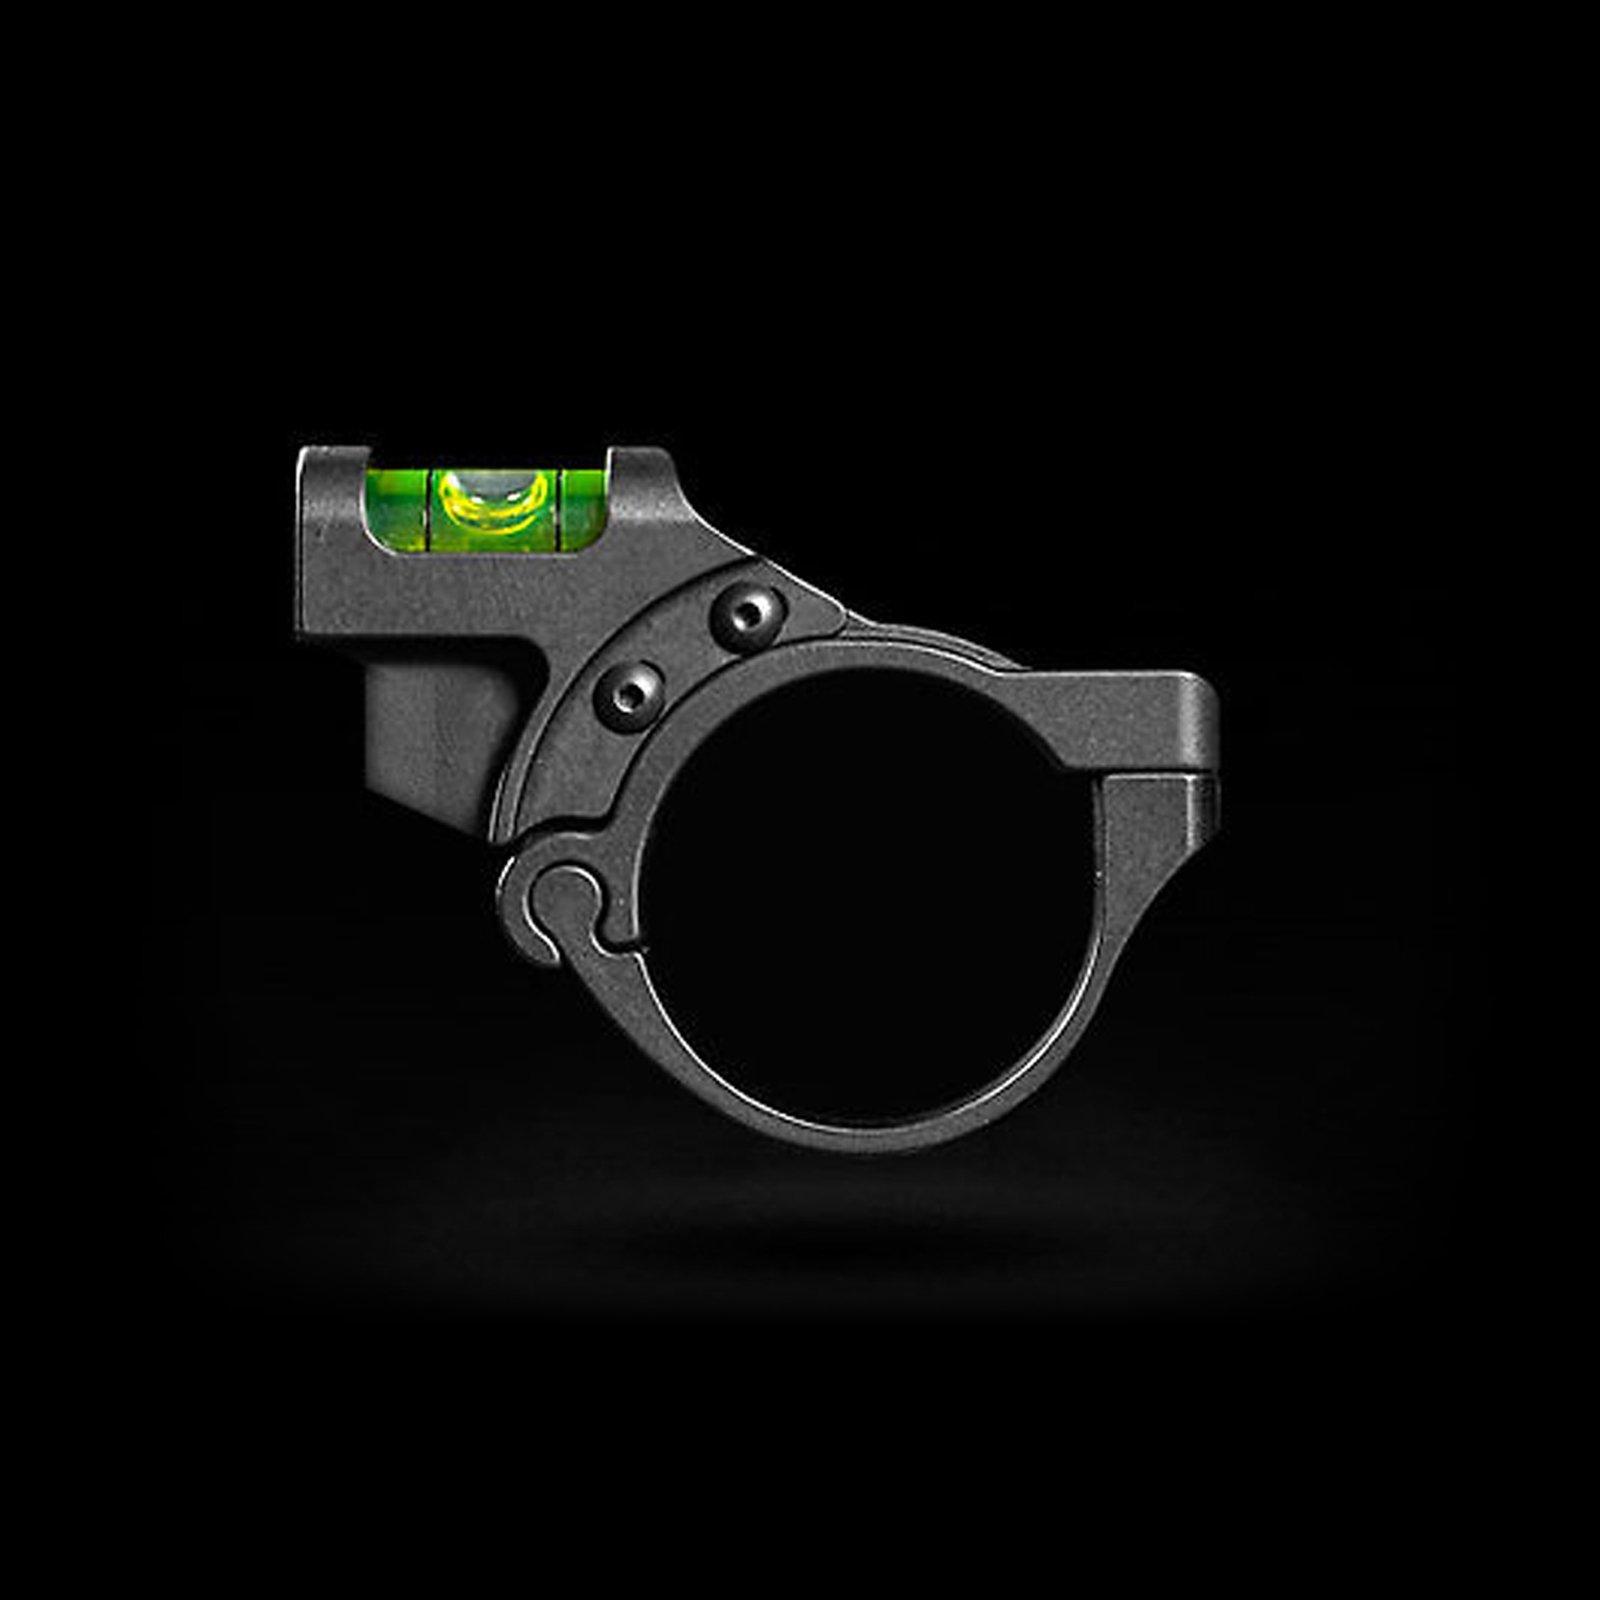 Patriot Plus Accu Level Fixed Adjustable Sniper Gun Scope 34mm